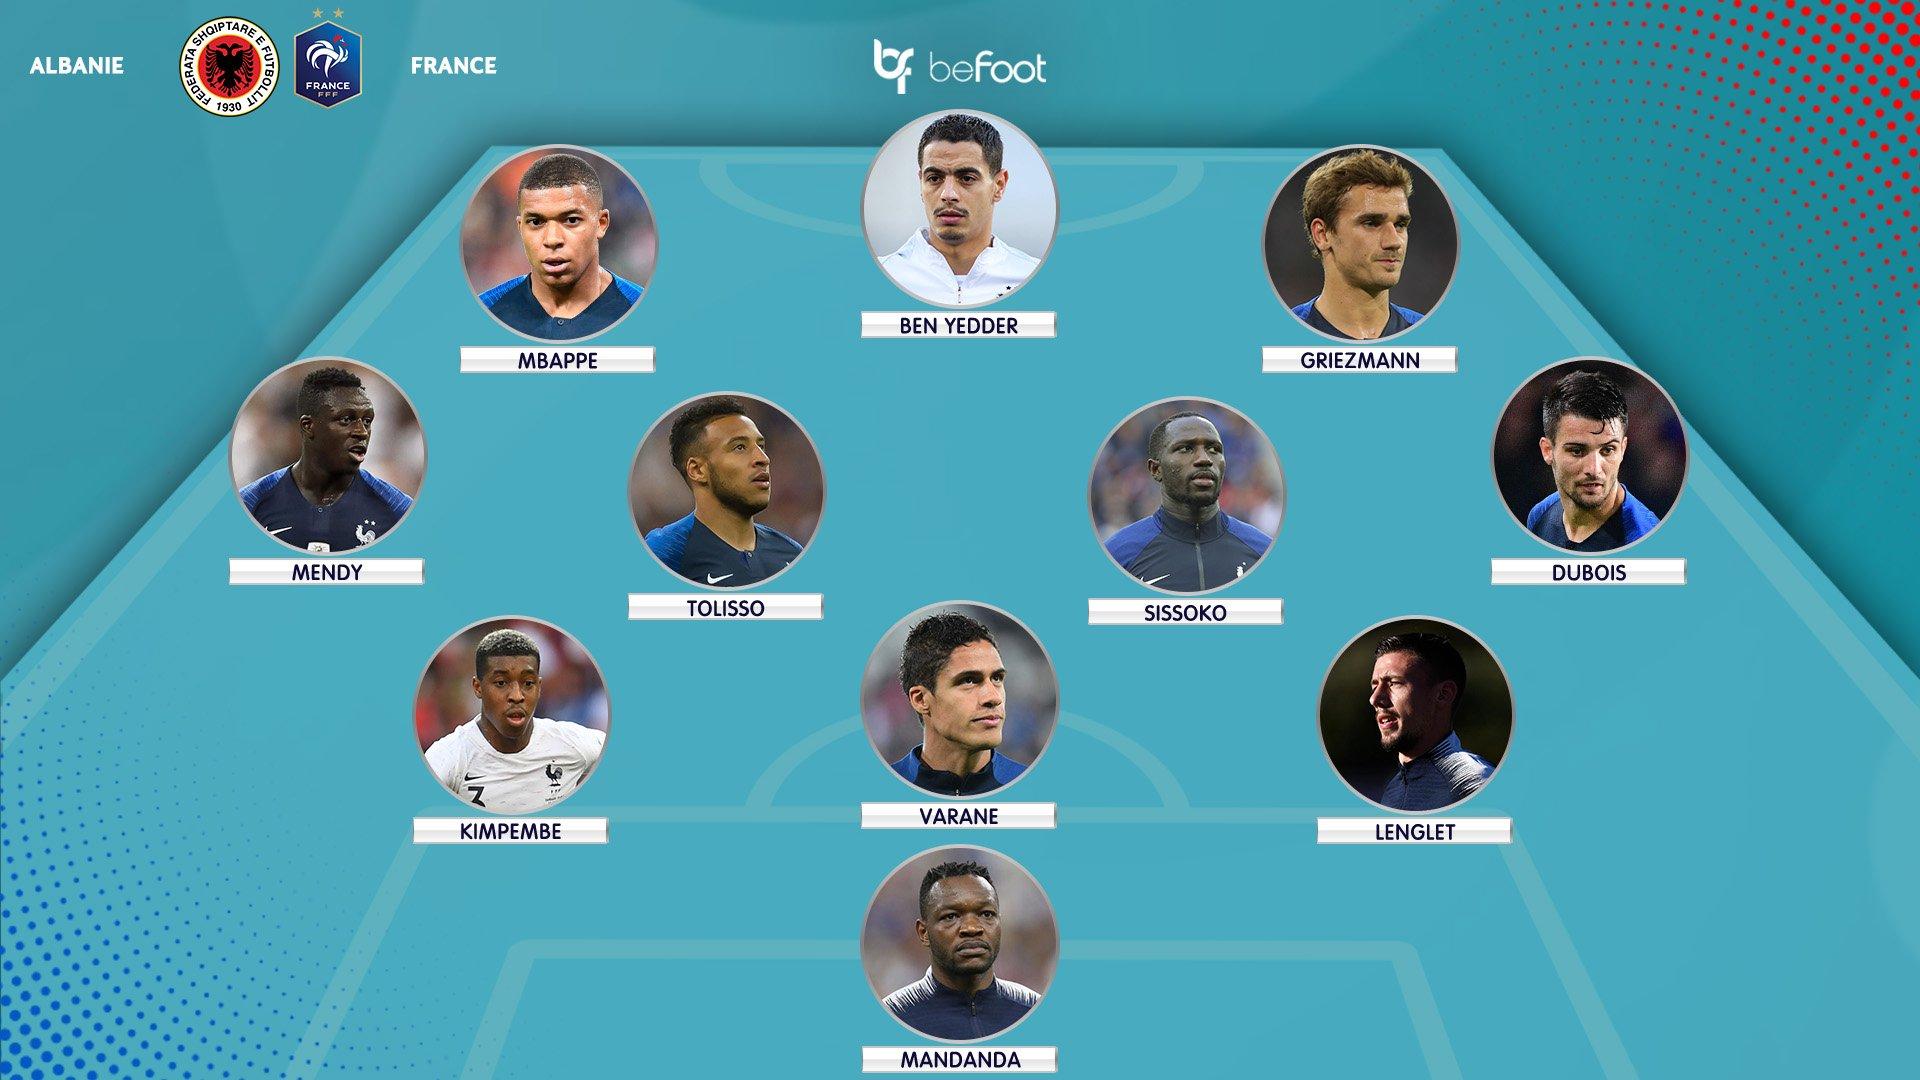 Le XI probable de l'équipe de France contre l'Albanie